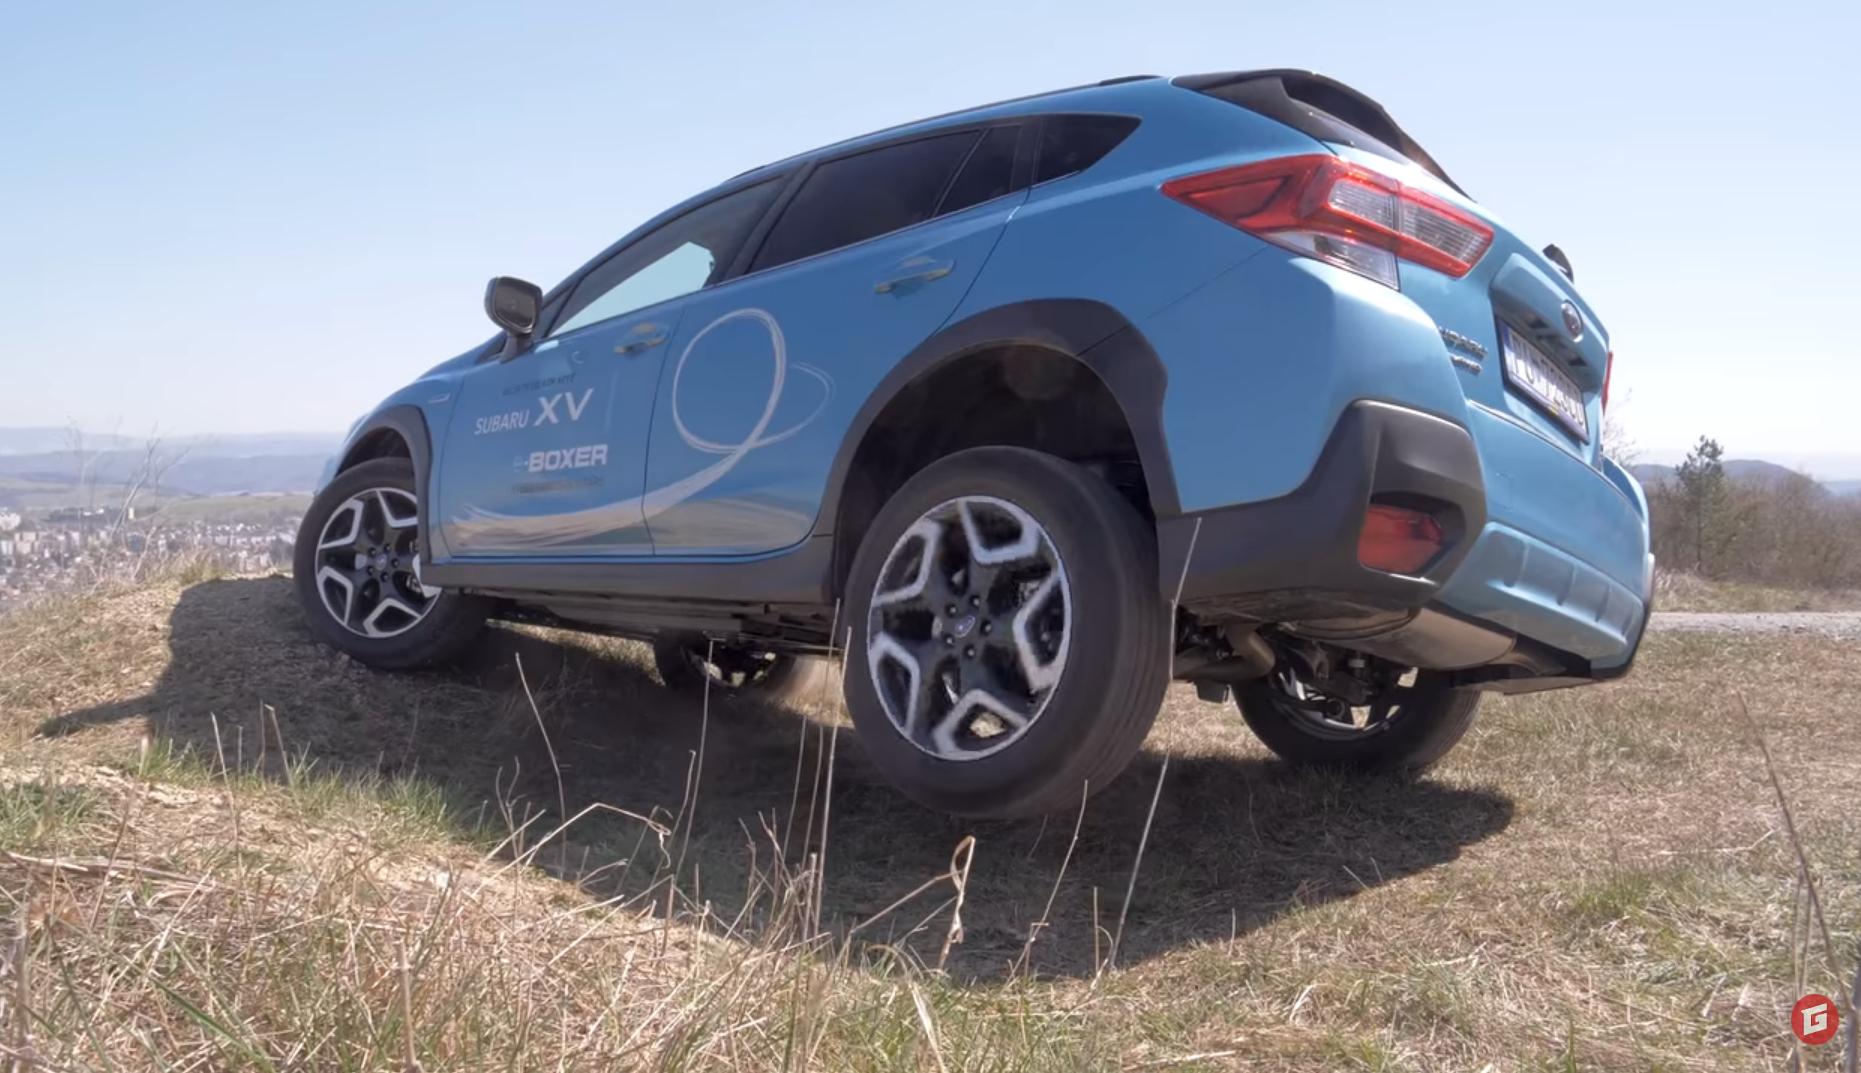 Test: Vyskúšali sme hybridné Subaru XV. Nevyhli sme sa ani ľahkému terénu